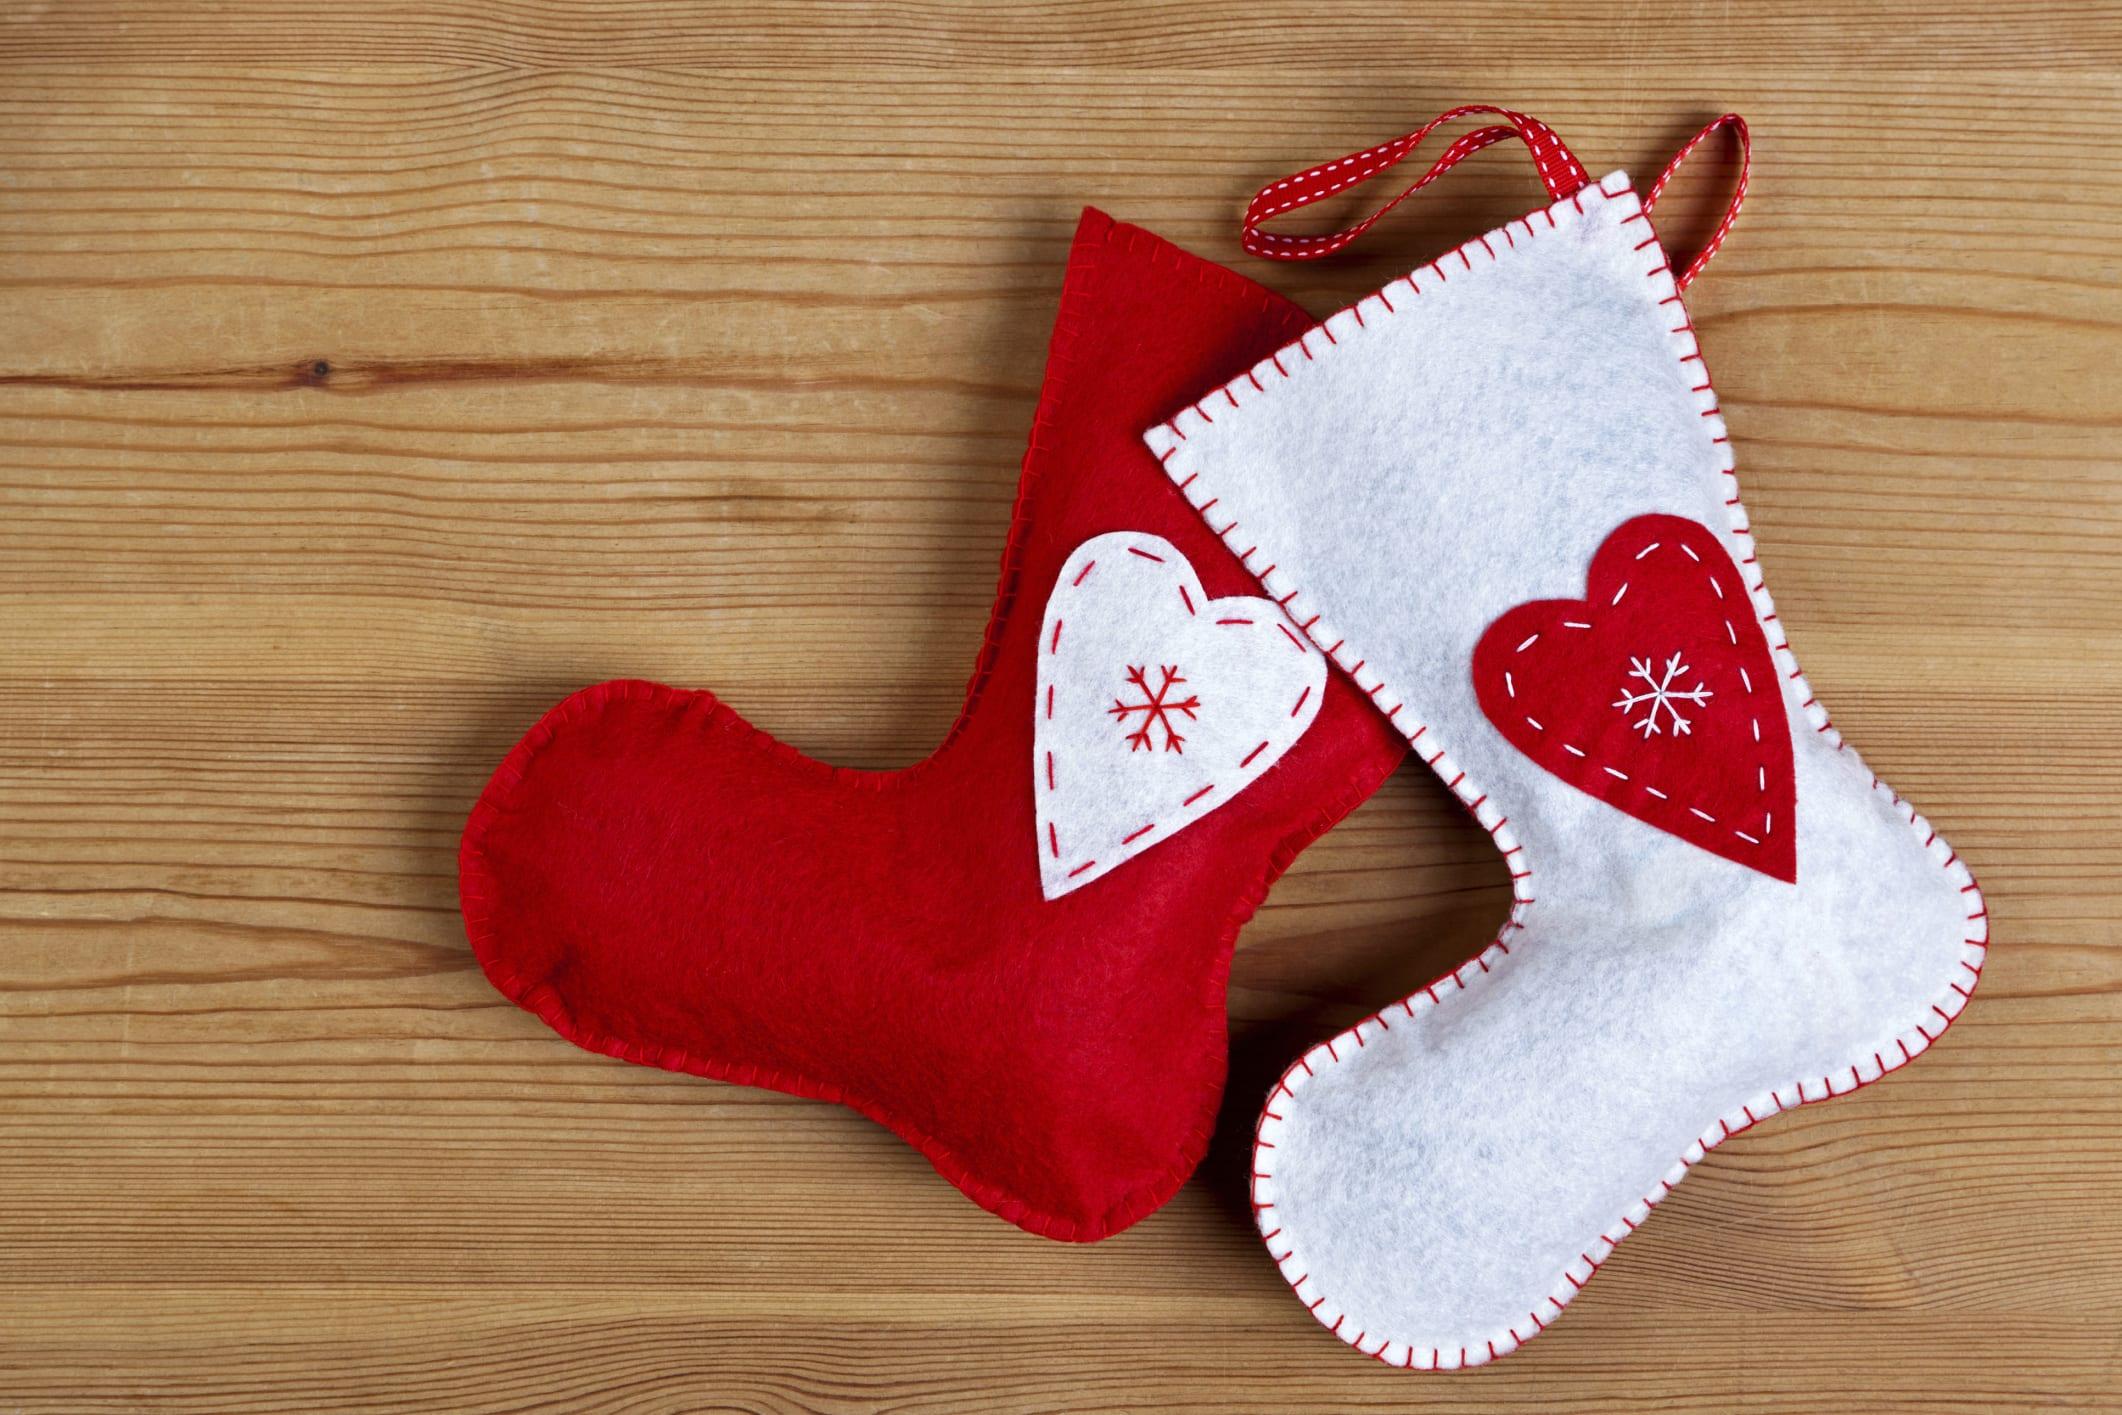 Manualidades de navidad para ni os - Manualidades para navidades faciles ...